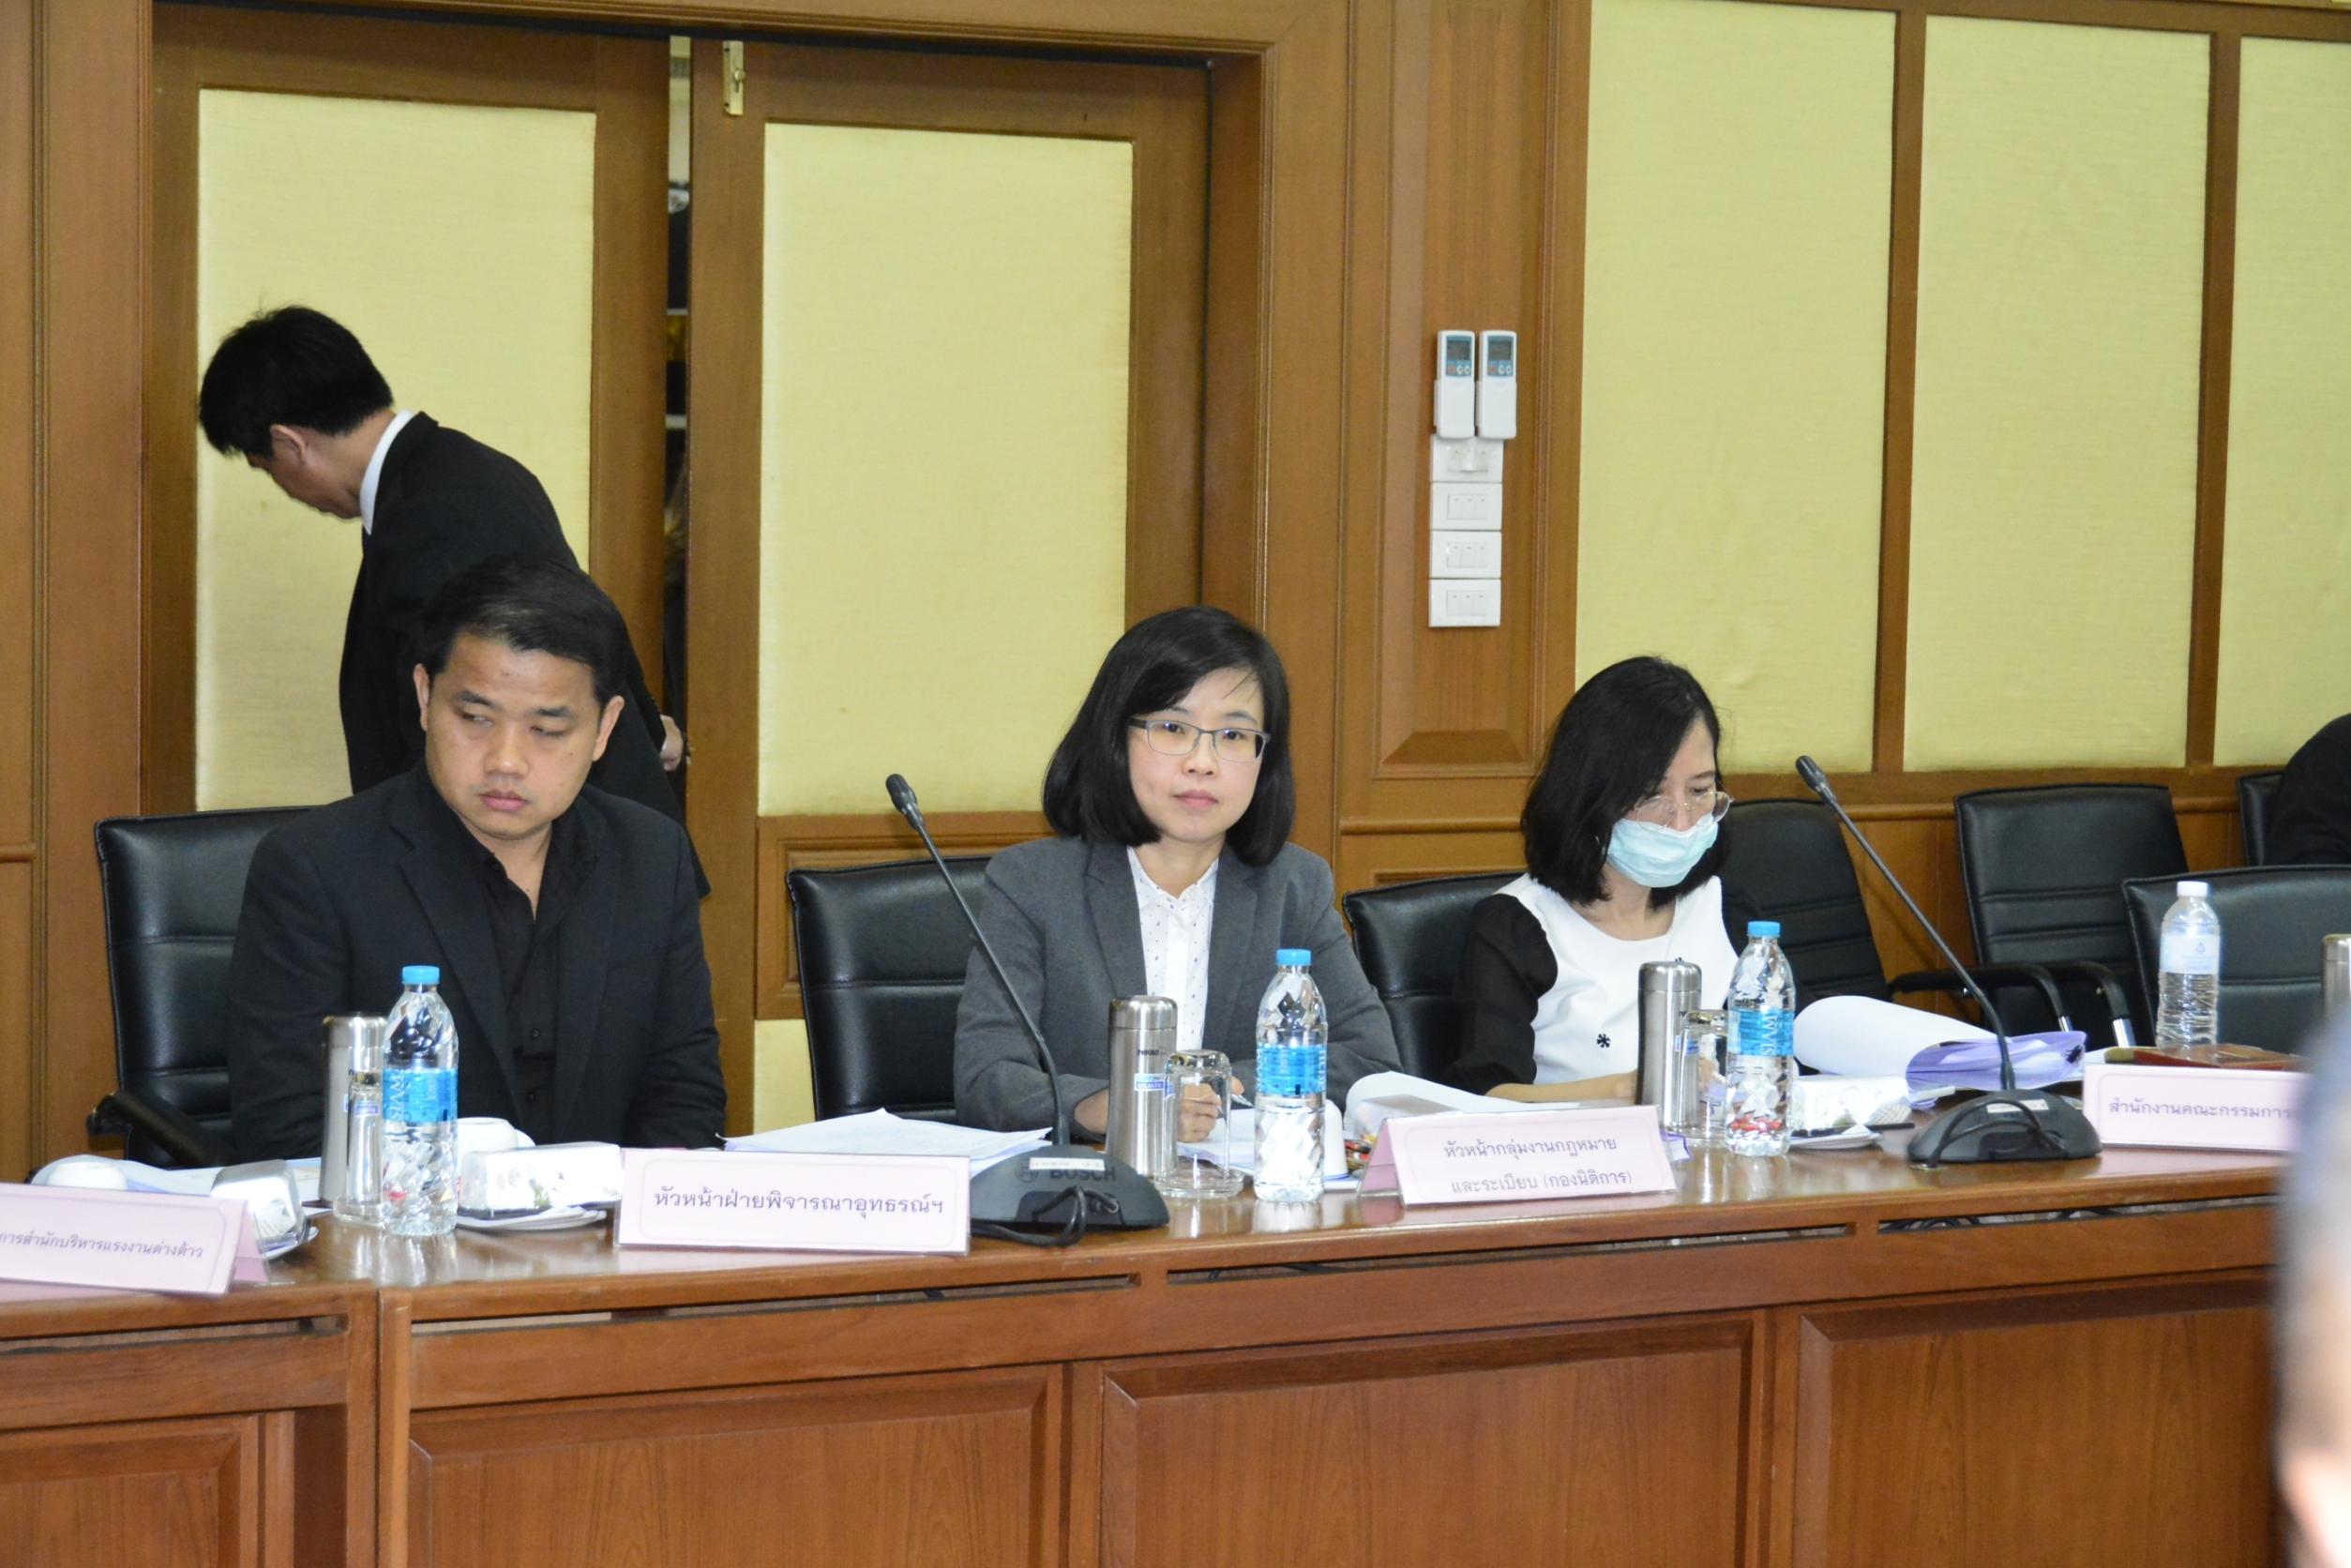 ประชุมคณะอนุกรรมการนโยบายการบริหารจัดการการทำงานของคนต่างด้าว (อคบต.) ครั้งที่ 1/2563 ณ ห้องประชุม เทียน อัชกุล ชั้น 10